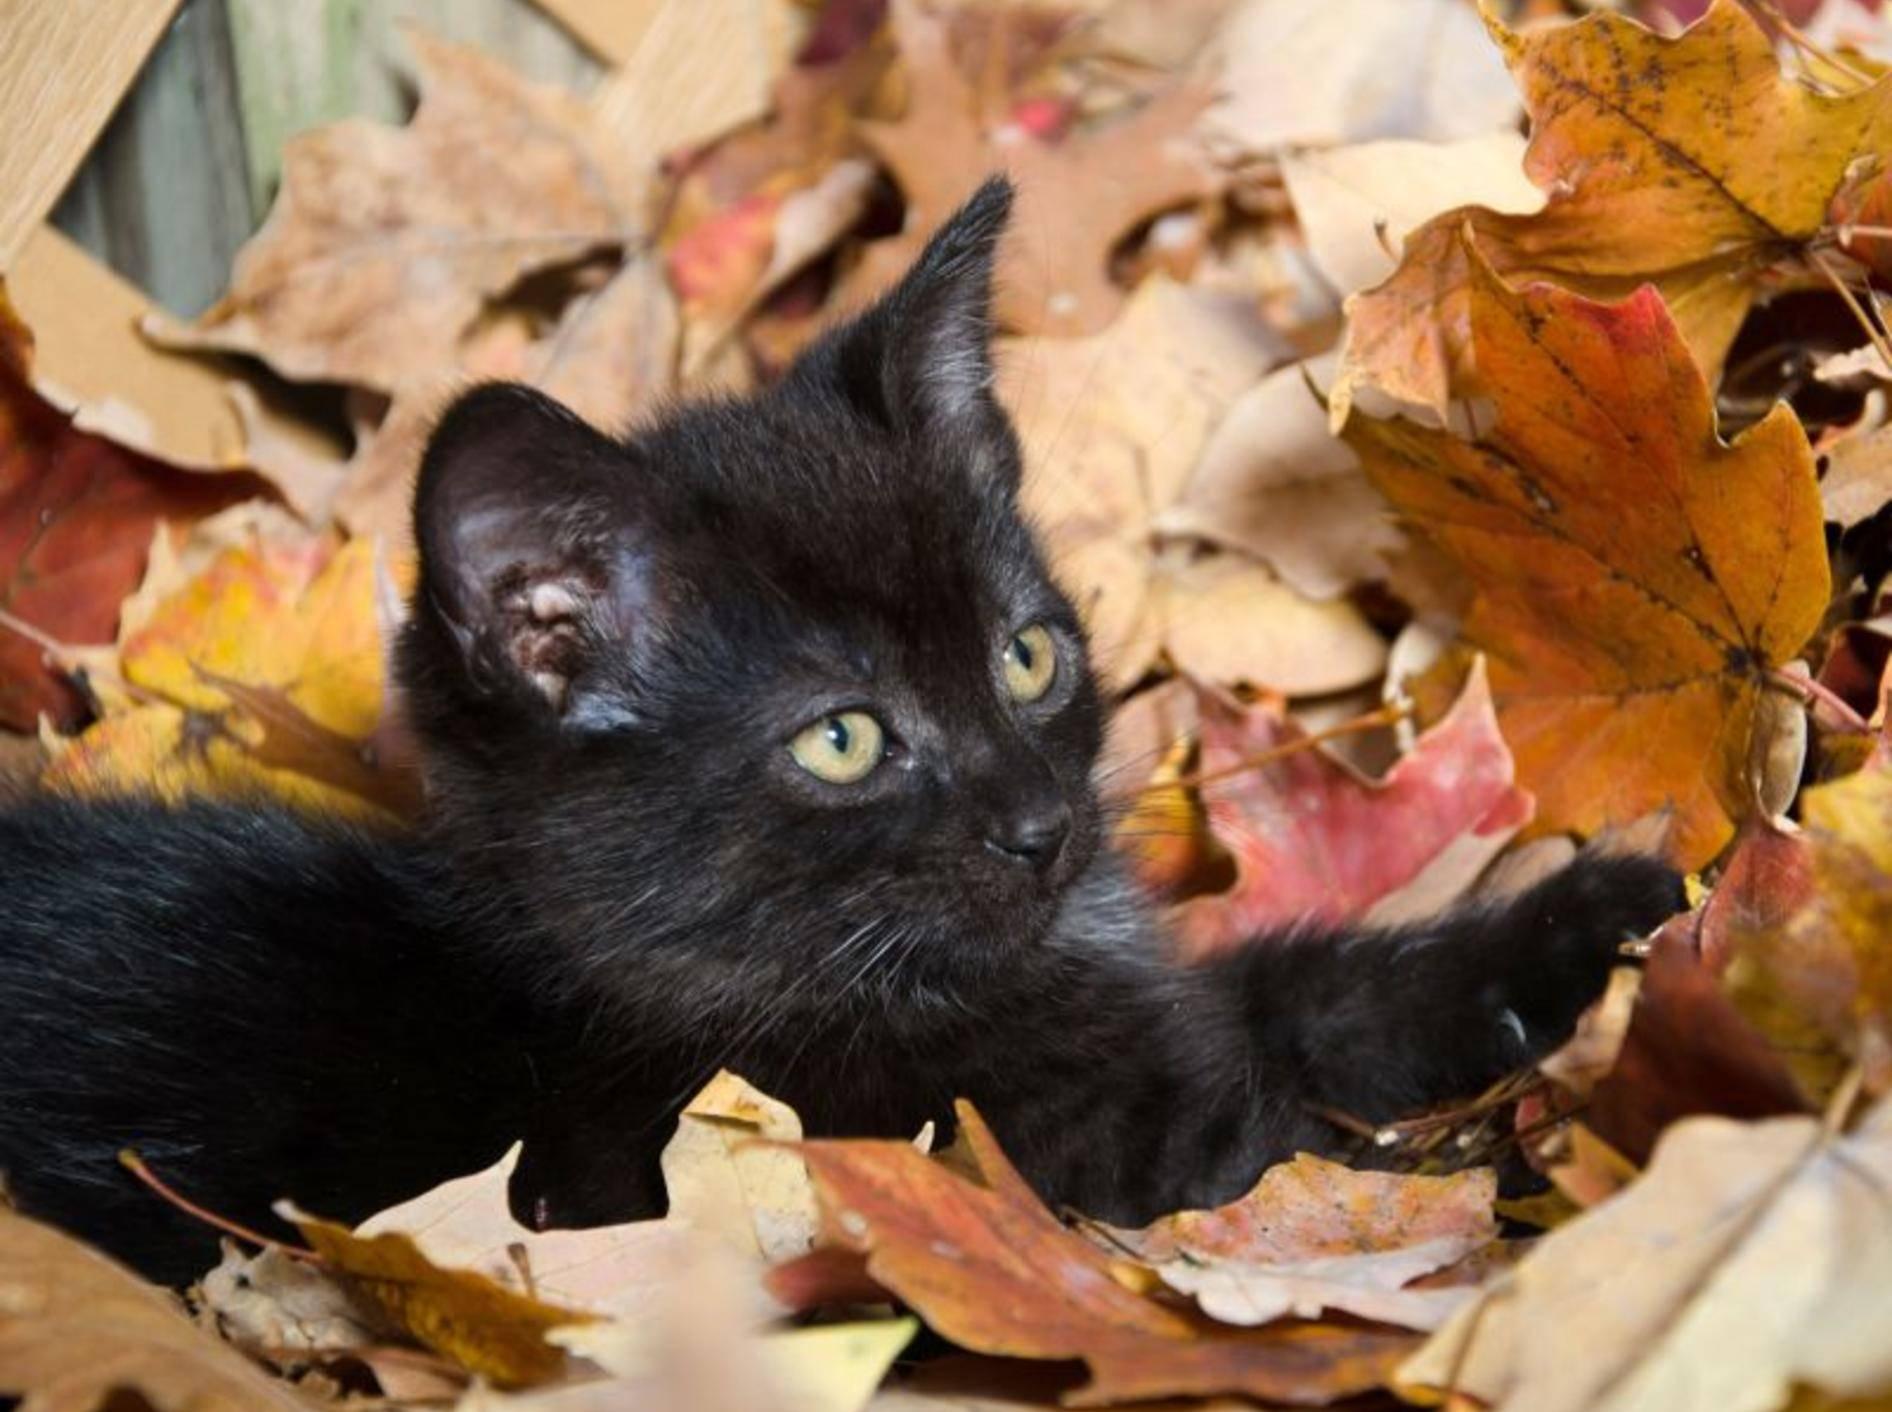 Und im Laub herumtollen macht Katzenbabys einen Riesenspaß, wie man sieht — Bild: Shutterstock / Tony Campbell